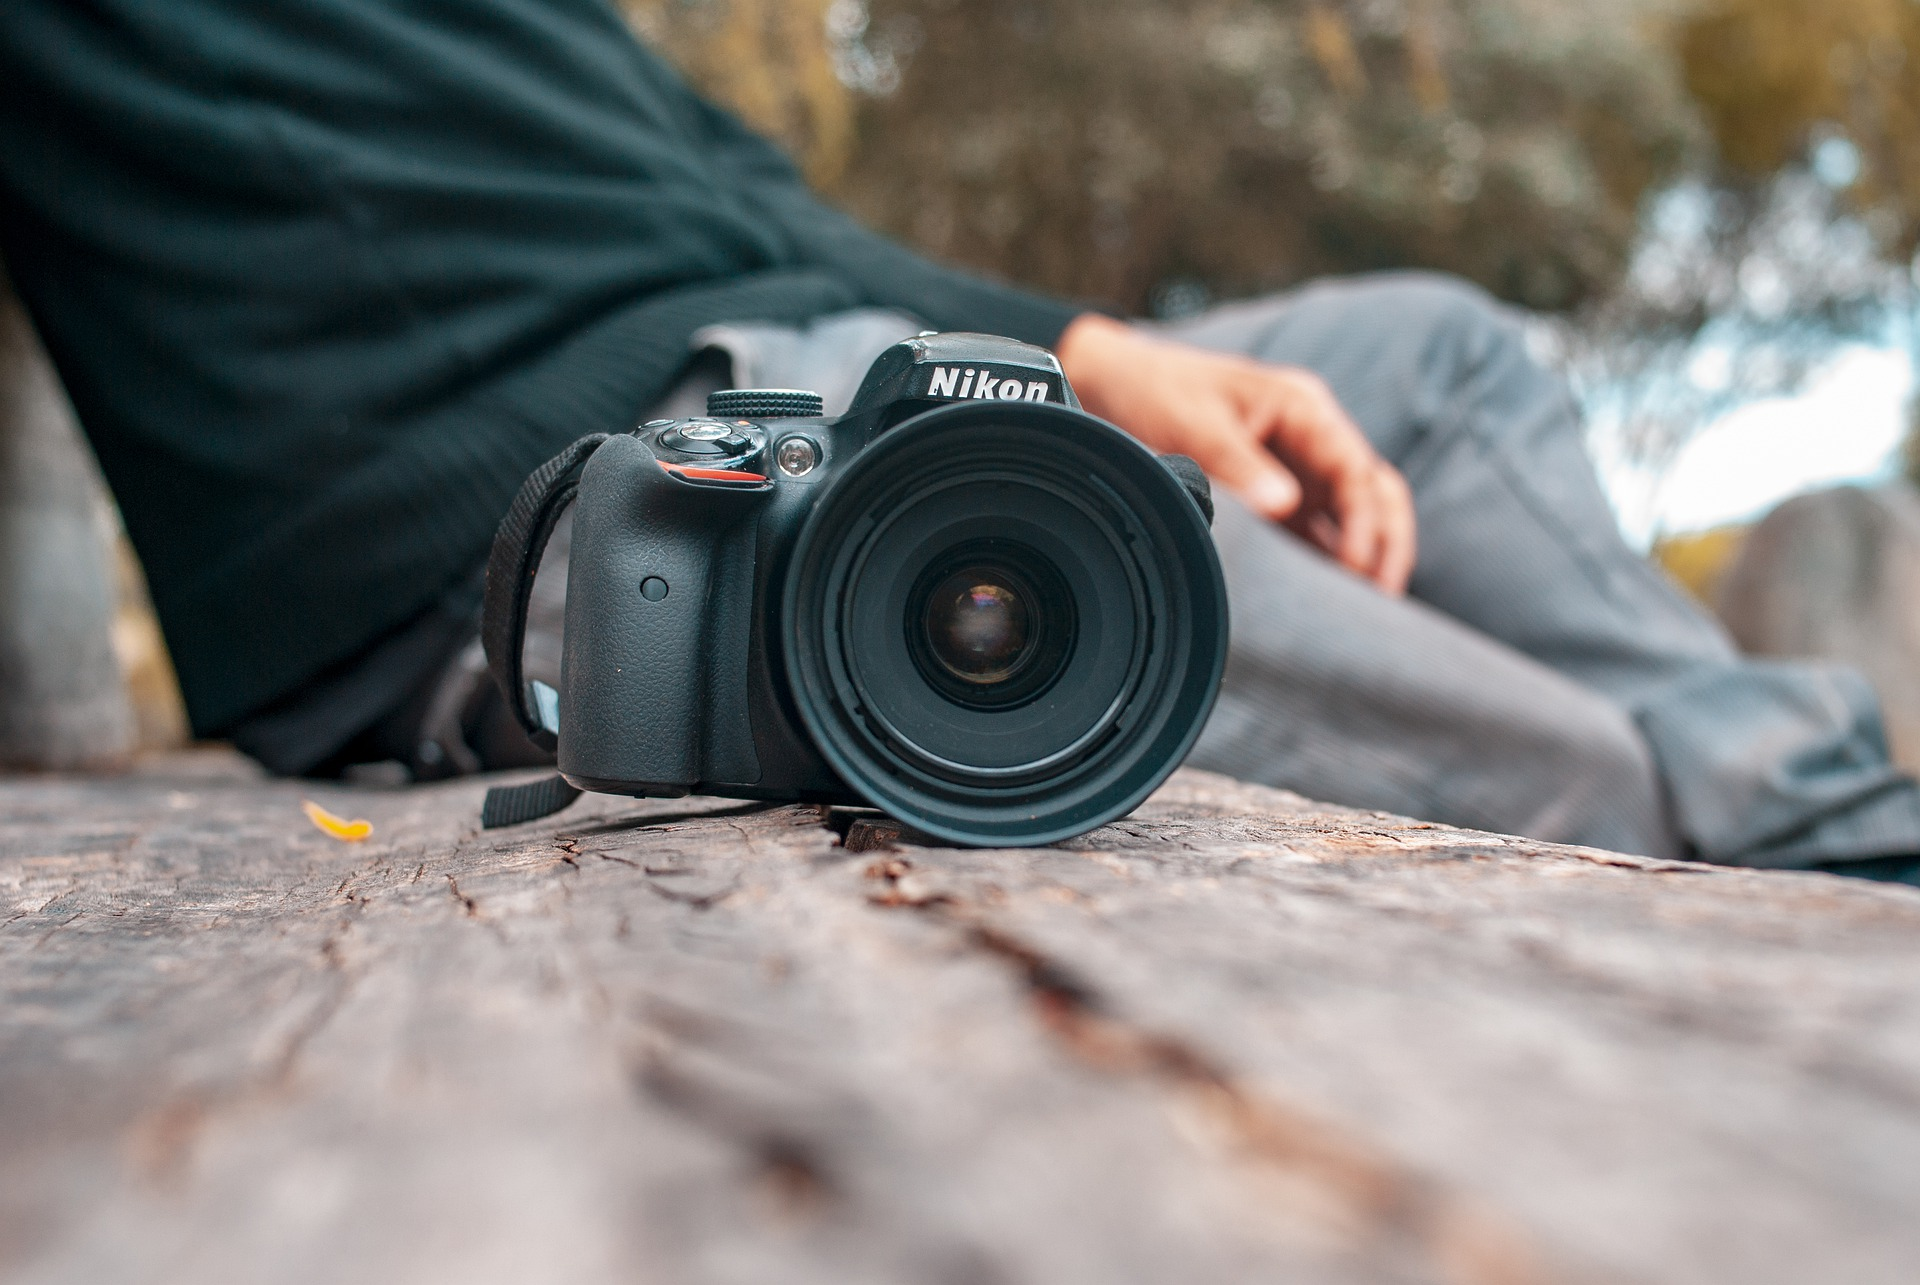 Fotowettbewerb – Zeigen Sie uns Bühl von einer ganz besonderen Seite, aus Ihrer Sicht!